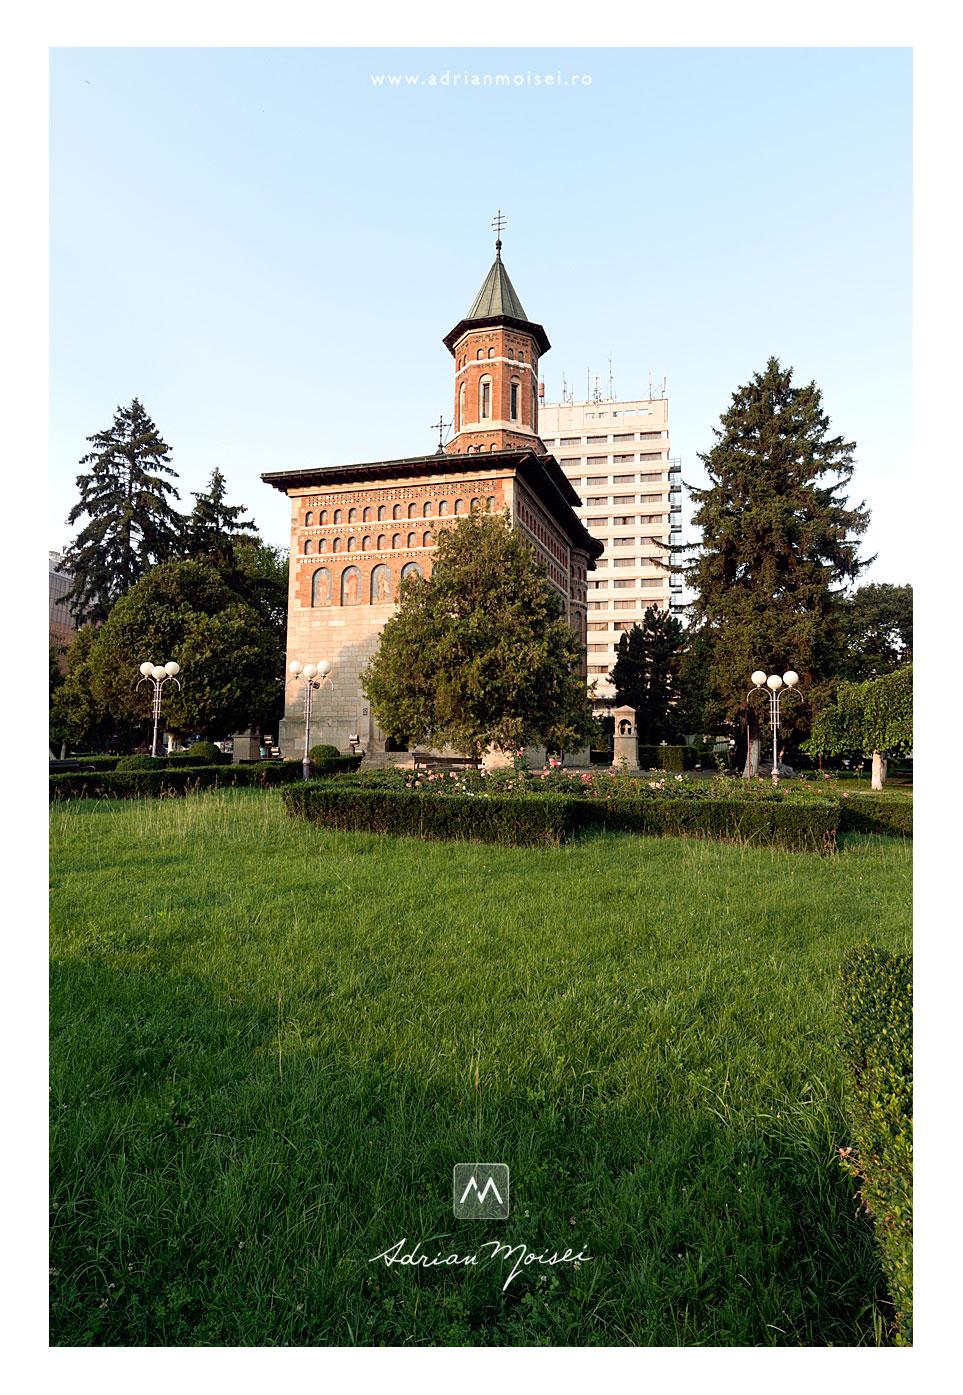 Biserica Sfântul Nicolae Domnesc Iasi,  de langa Palatul Culturii